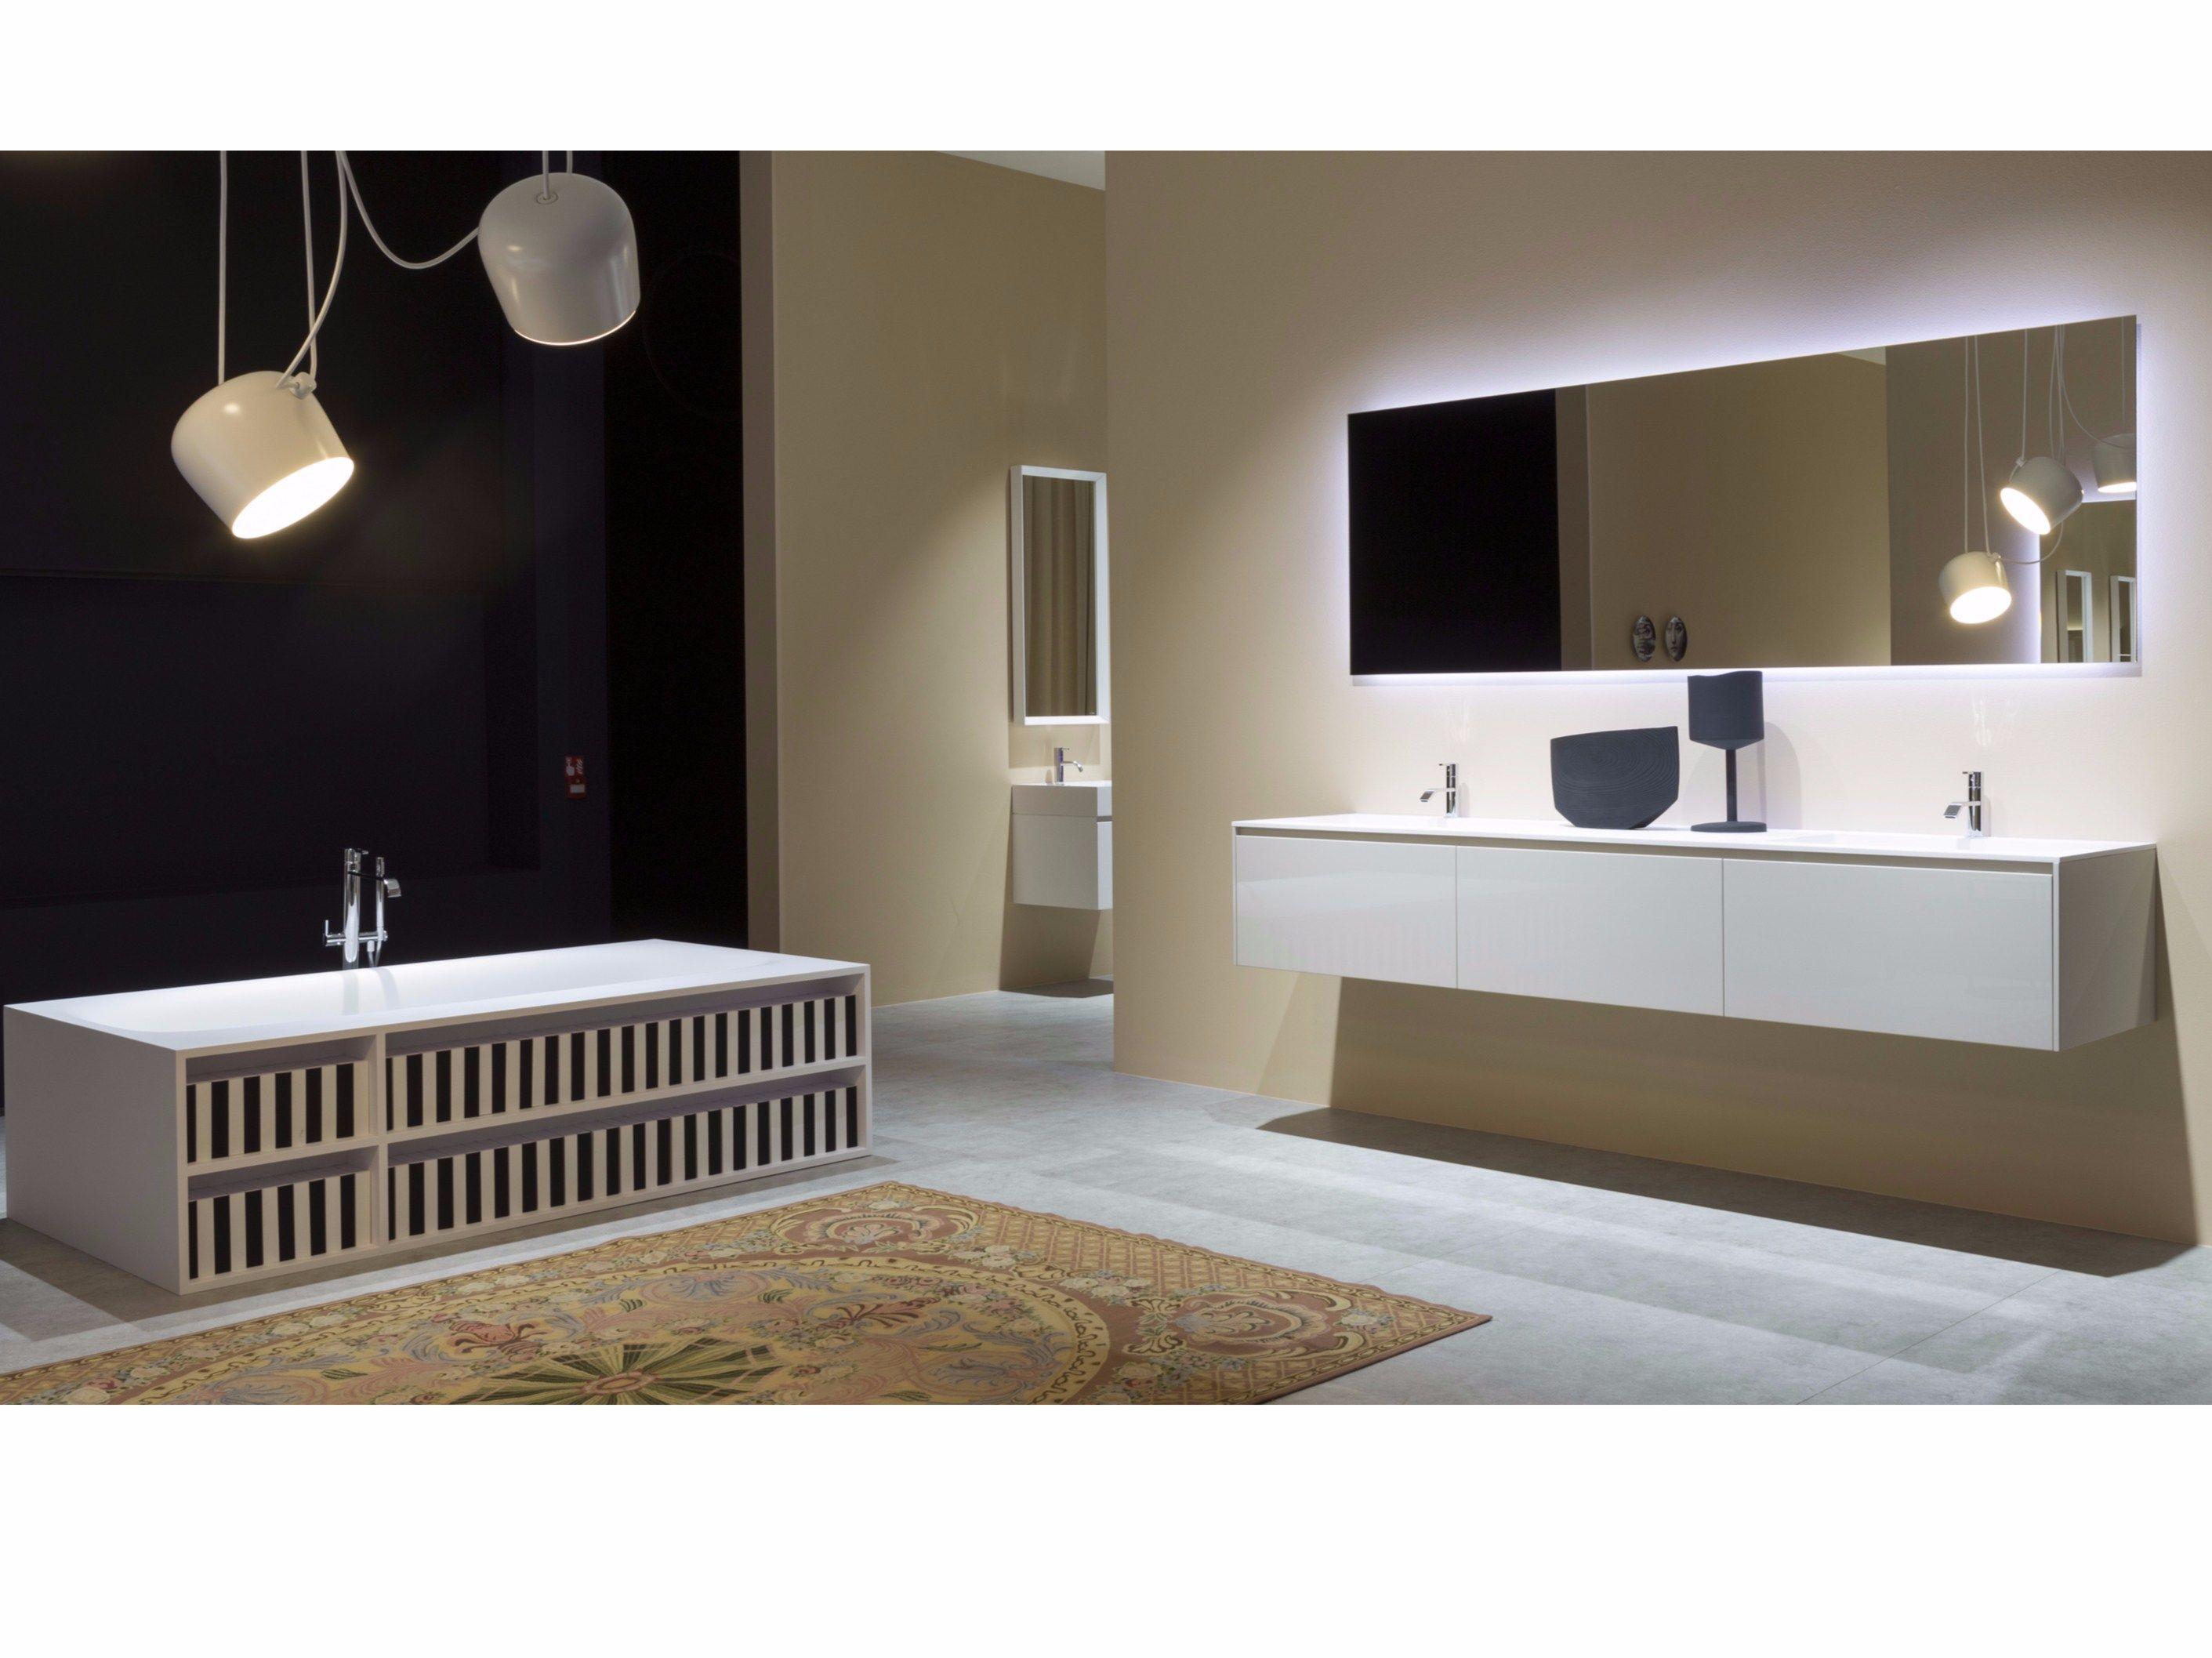 mobili bagno componibili | archiproducts - Arredo Bagno Antonio Lupi Scontato